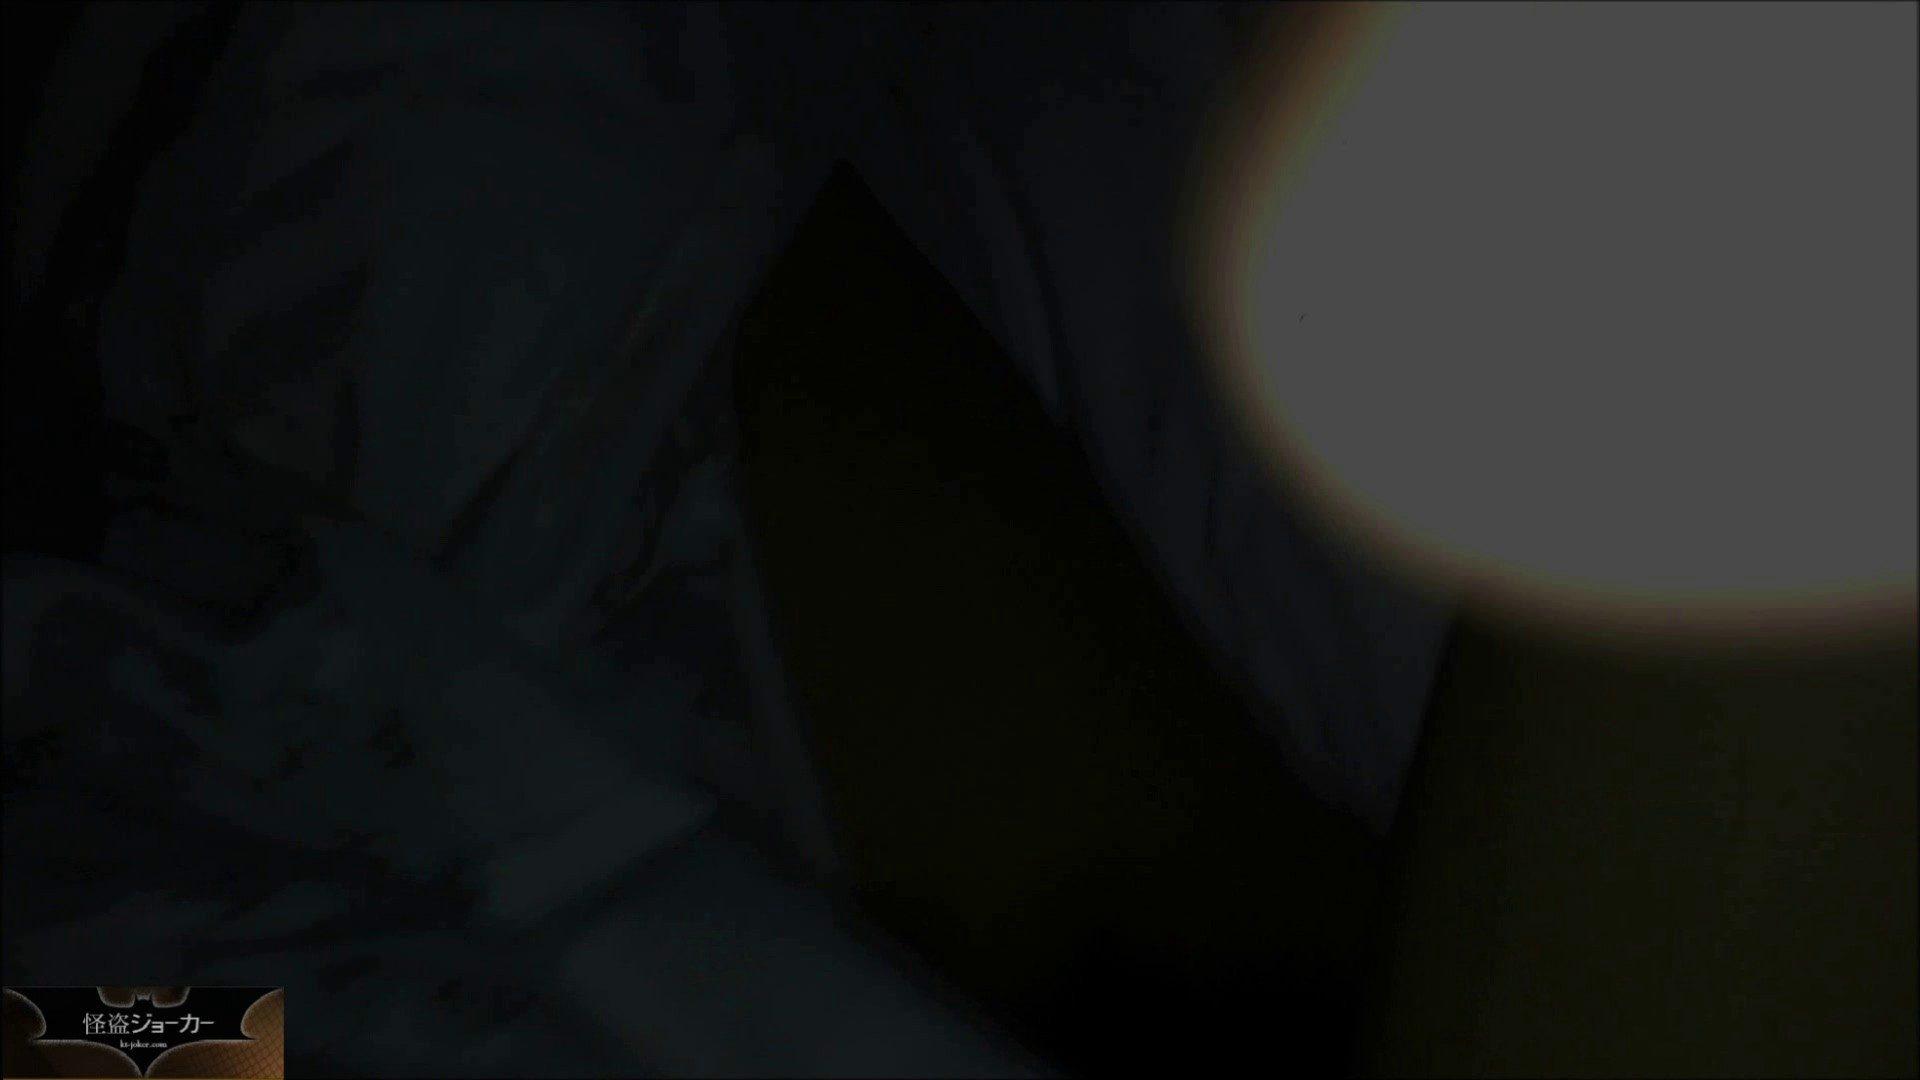 【未公開】vol.73 極嬢ルックスの持ち主・kotoneちゃん弄り倒し! いじくり すけべAV動画紹介 21画像 20